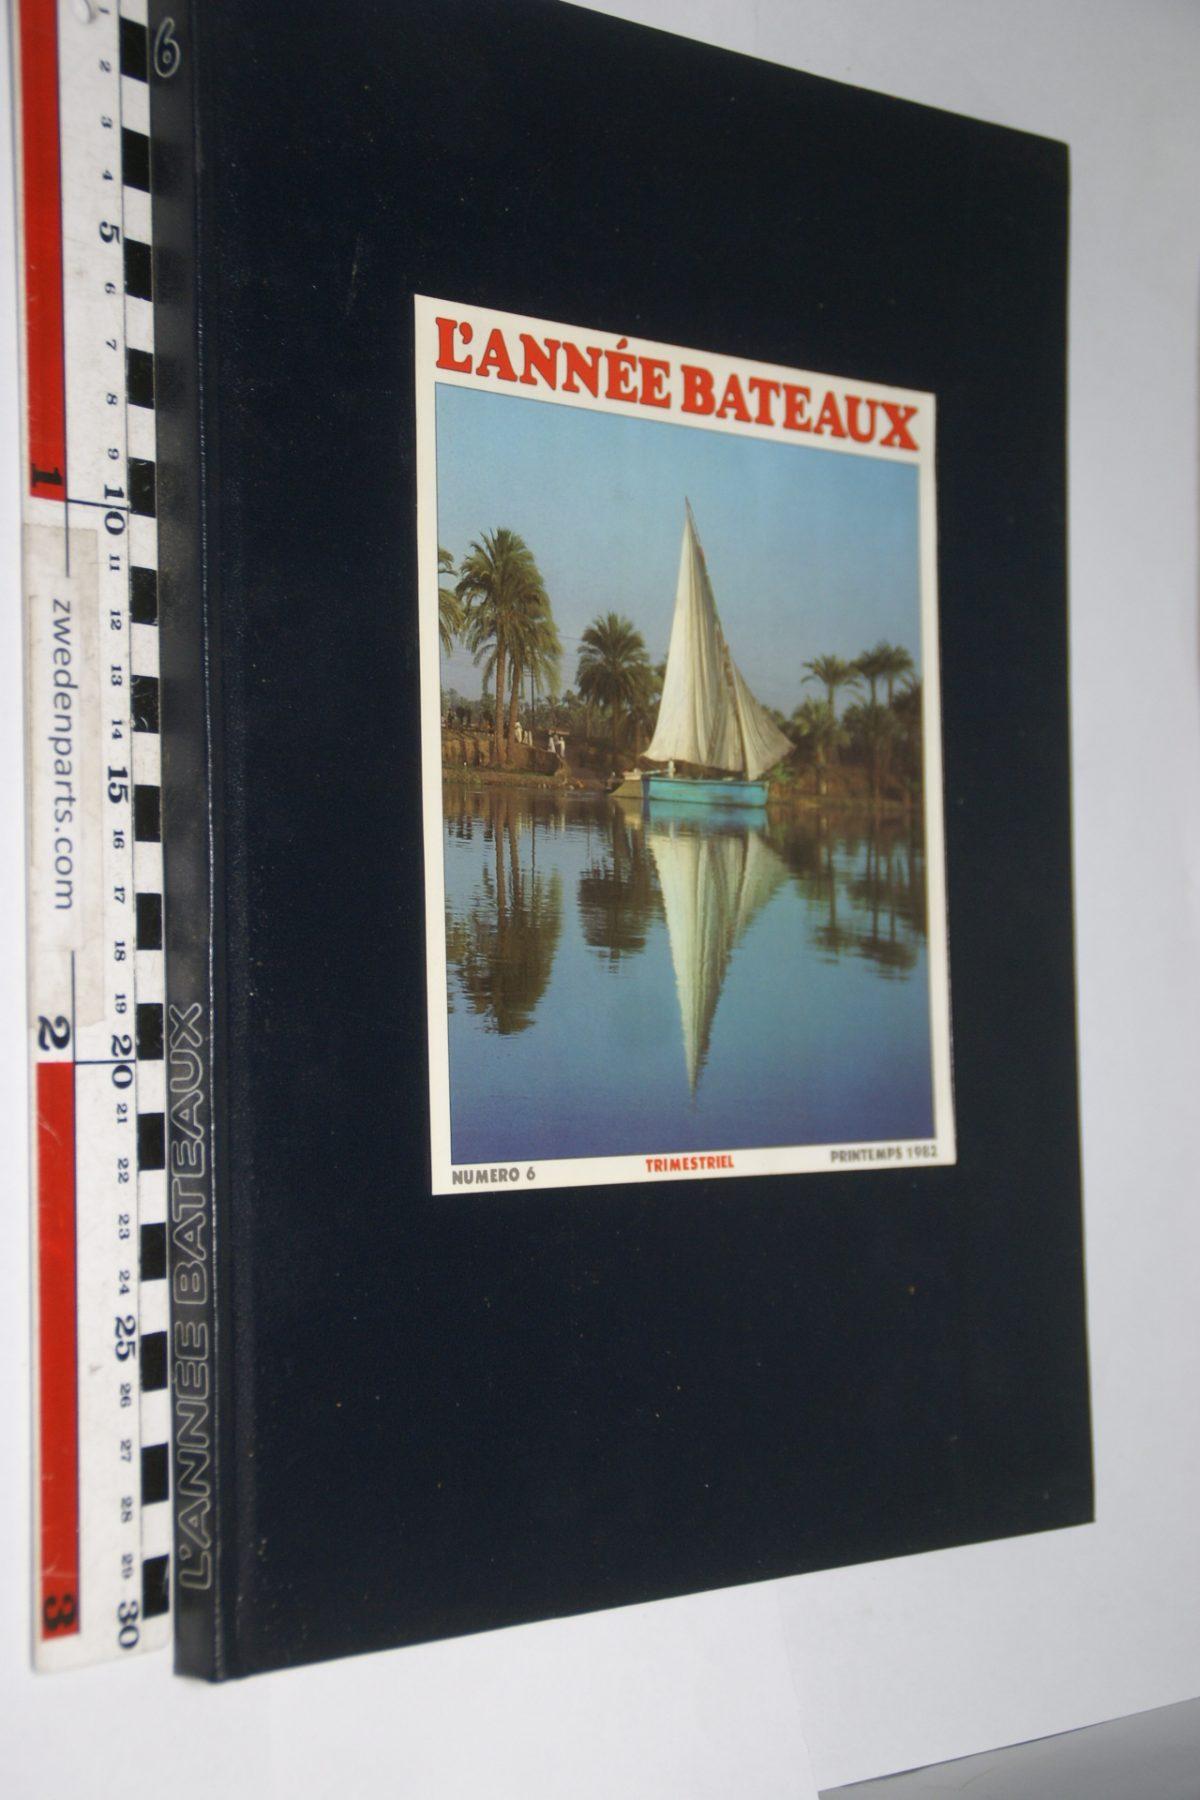 DSC06951 1982 boek l'Année Bateaux nr 6